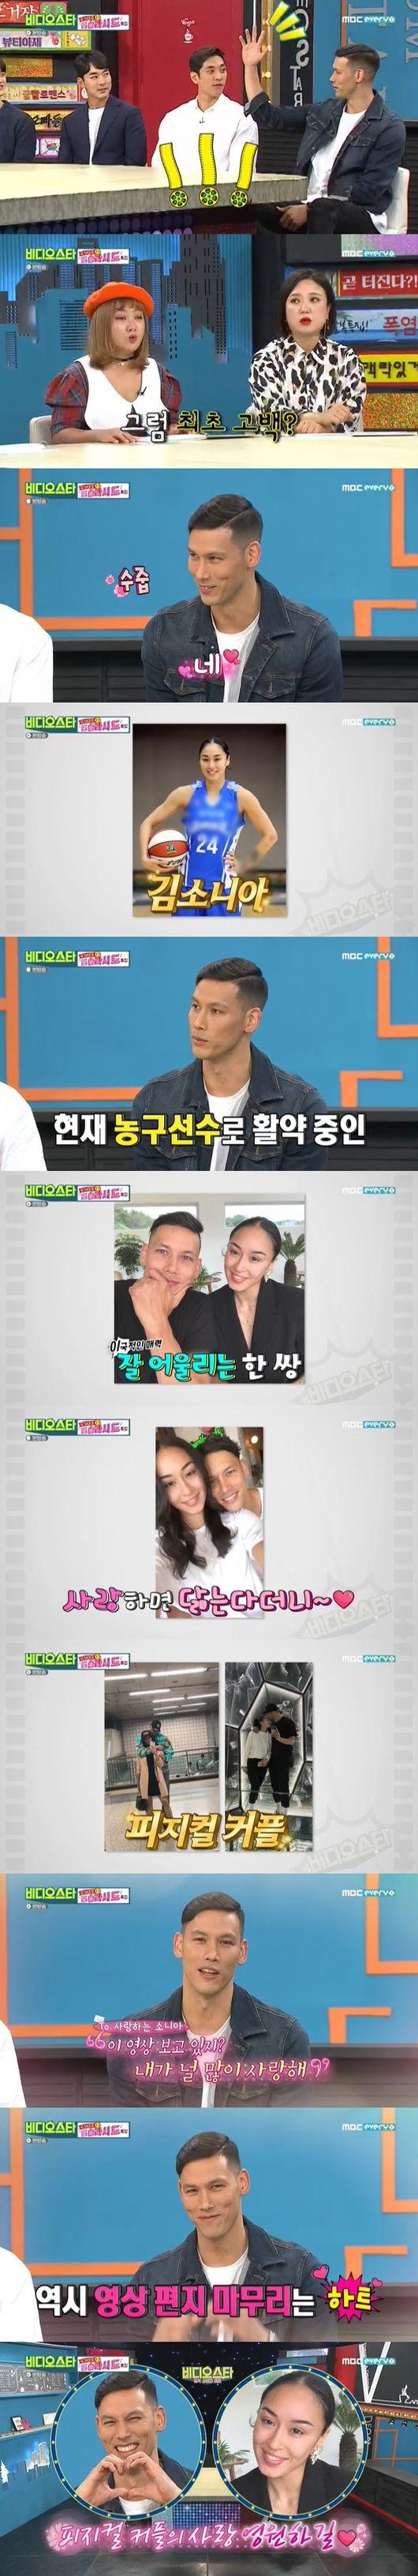 '비스' 이승준, 16살 연하 ♥김소니아 고백→올림픽 우승 현금 다발 '감격' [종합]